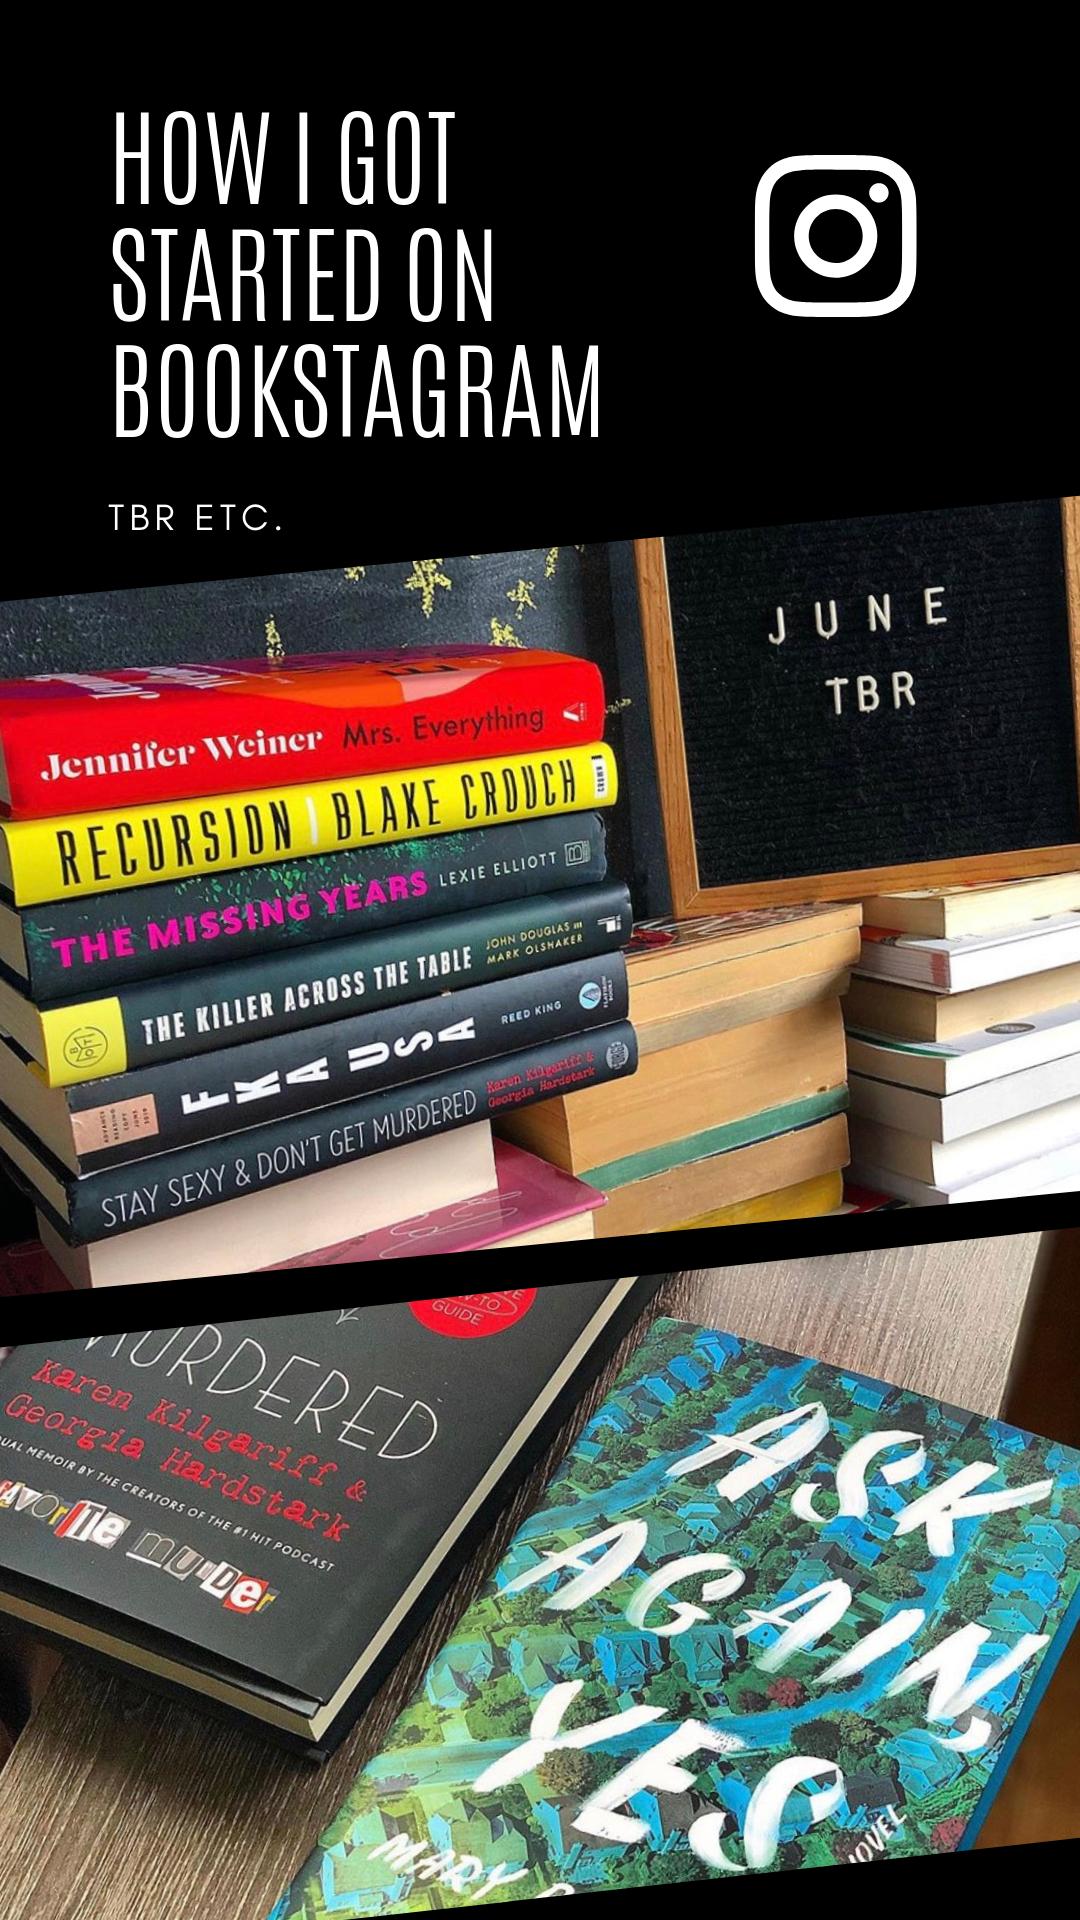 How I Got Started on Bookstagram! | TBR etc. #bookstagram